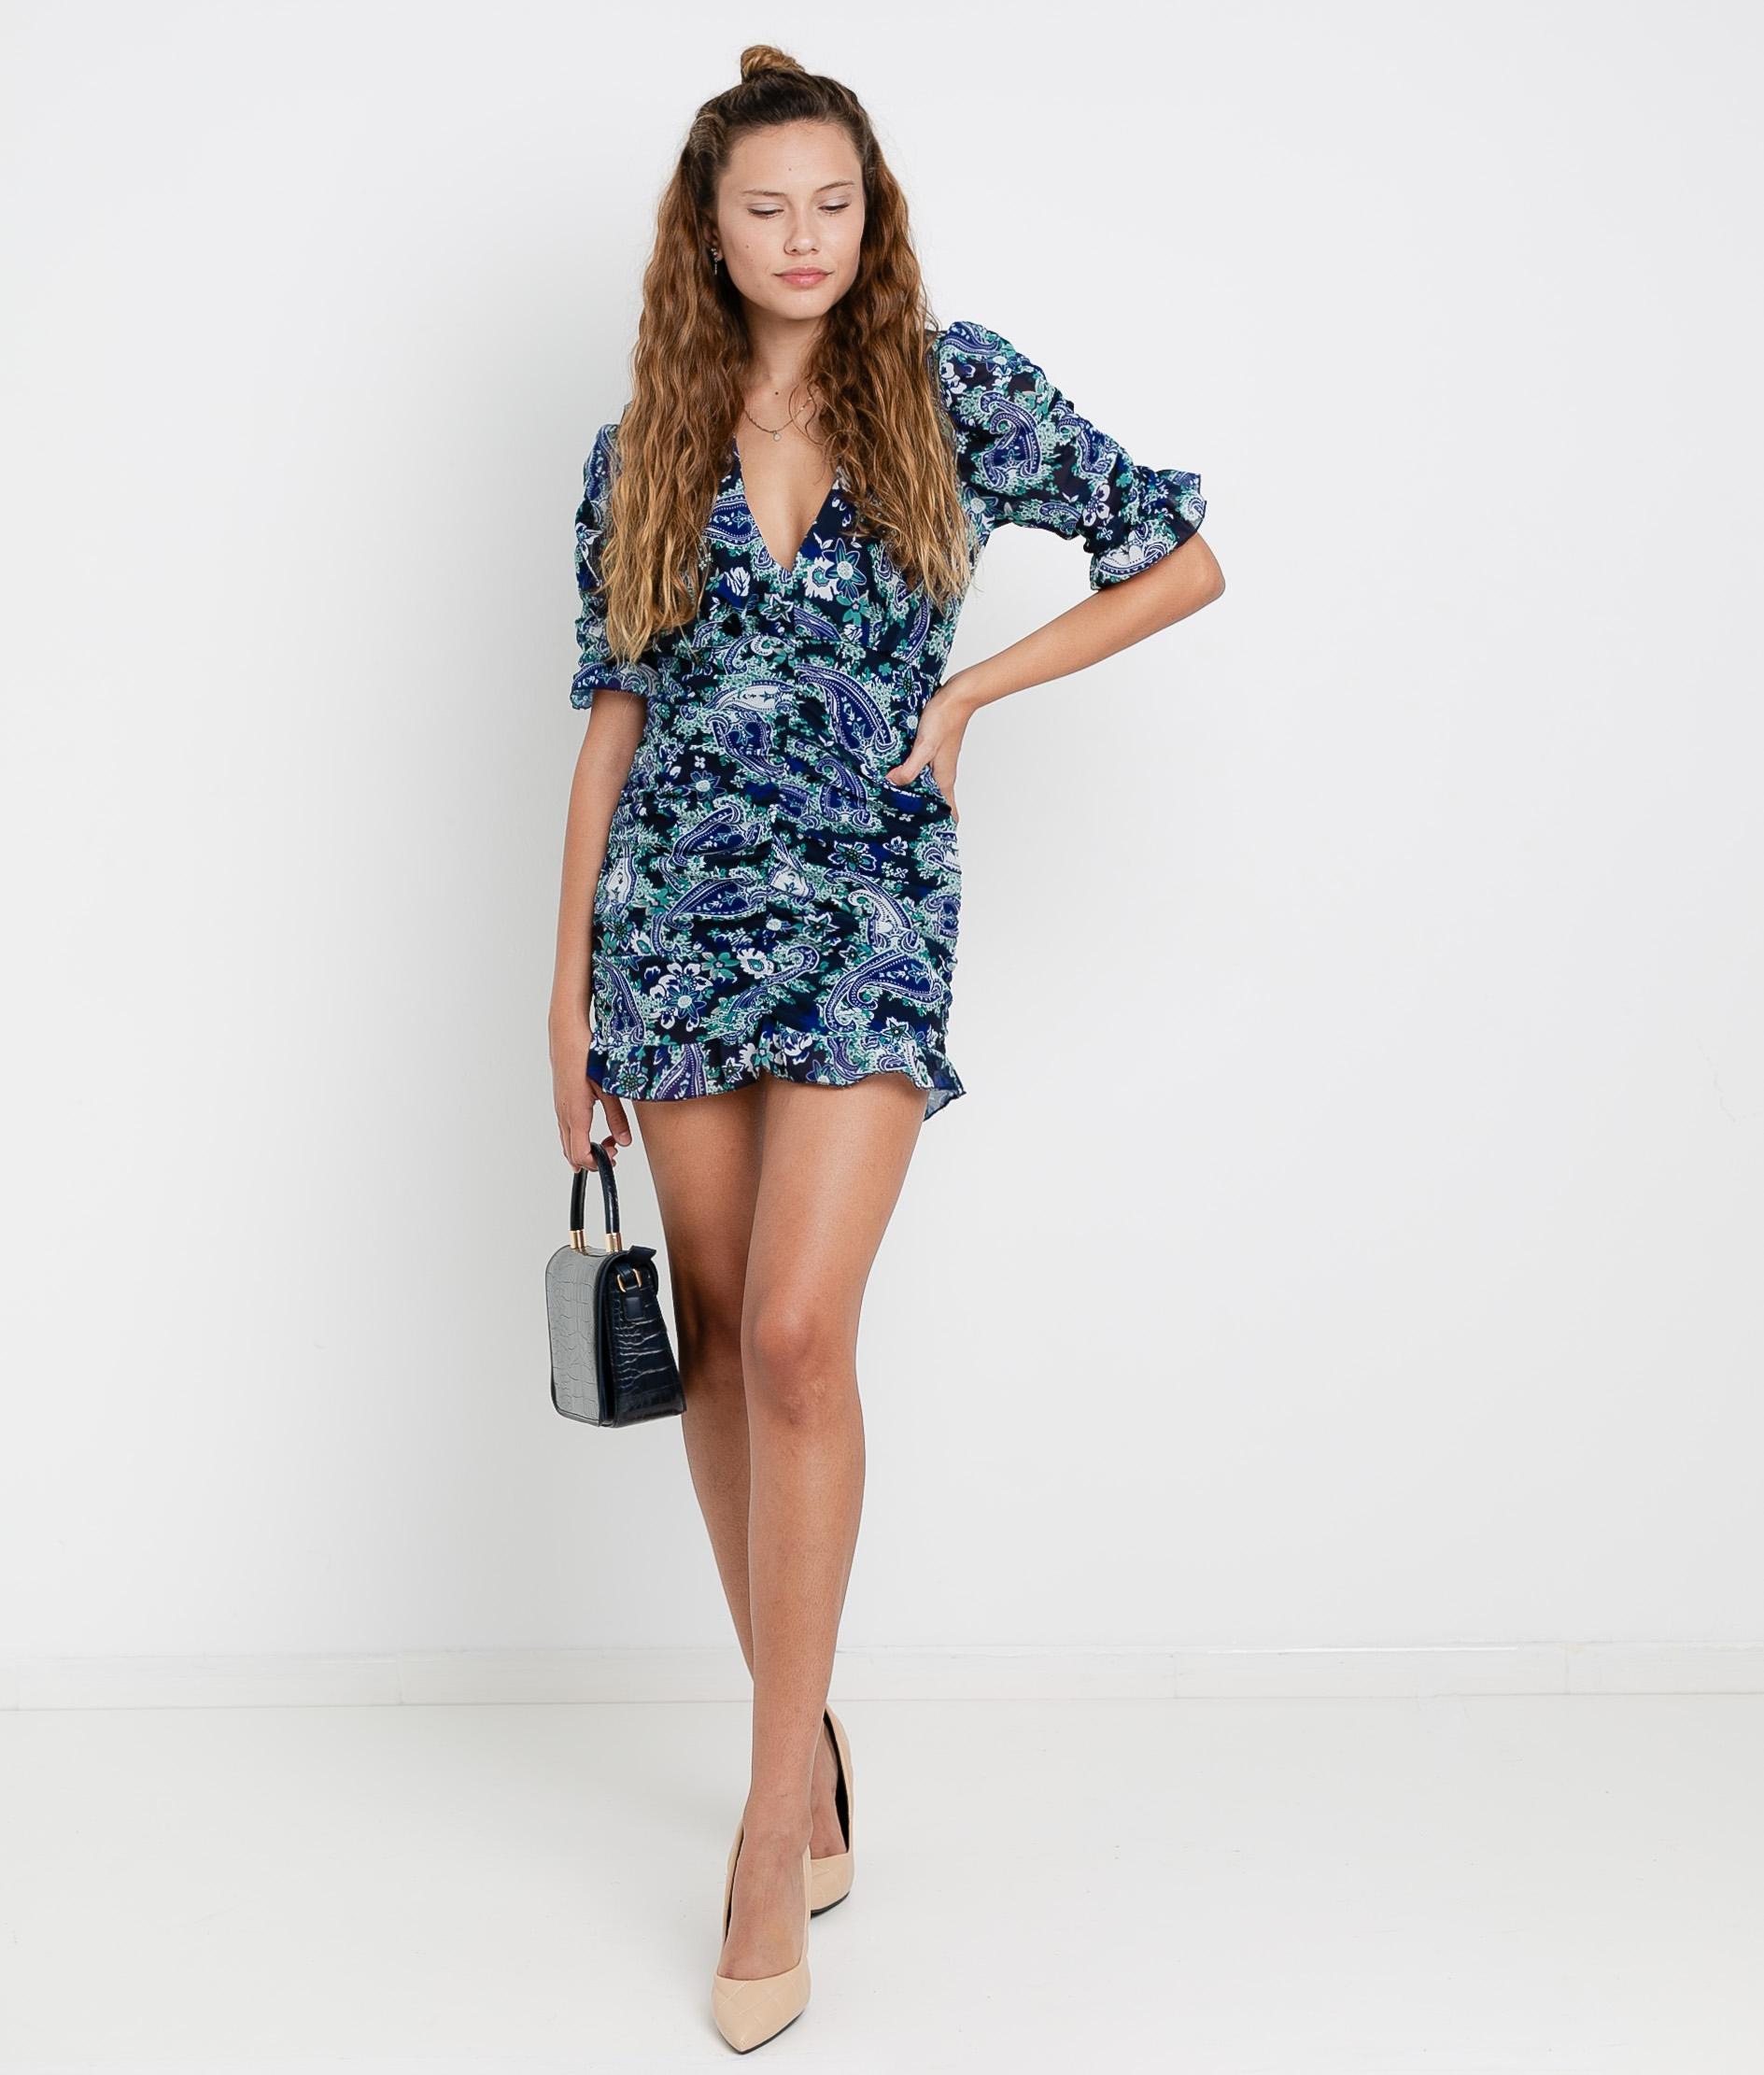 Vestido Lavoe - Preto/Azul